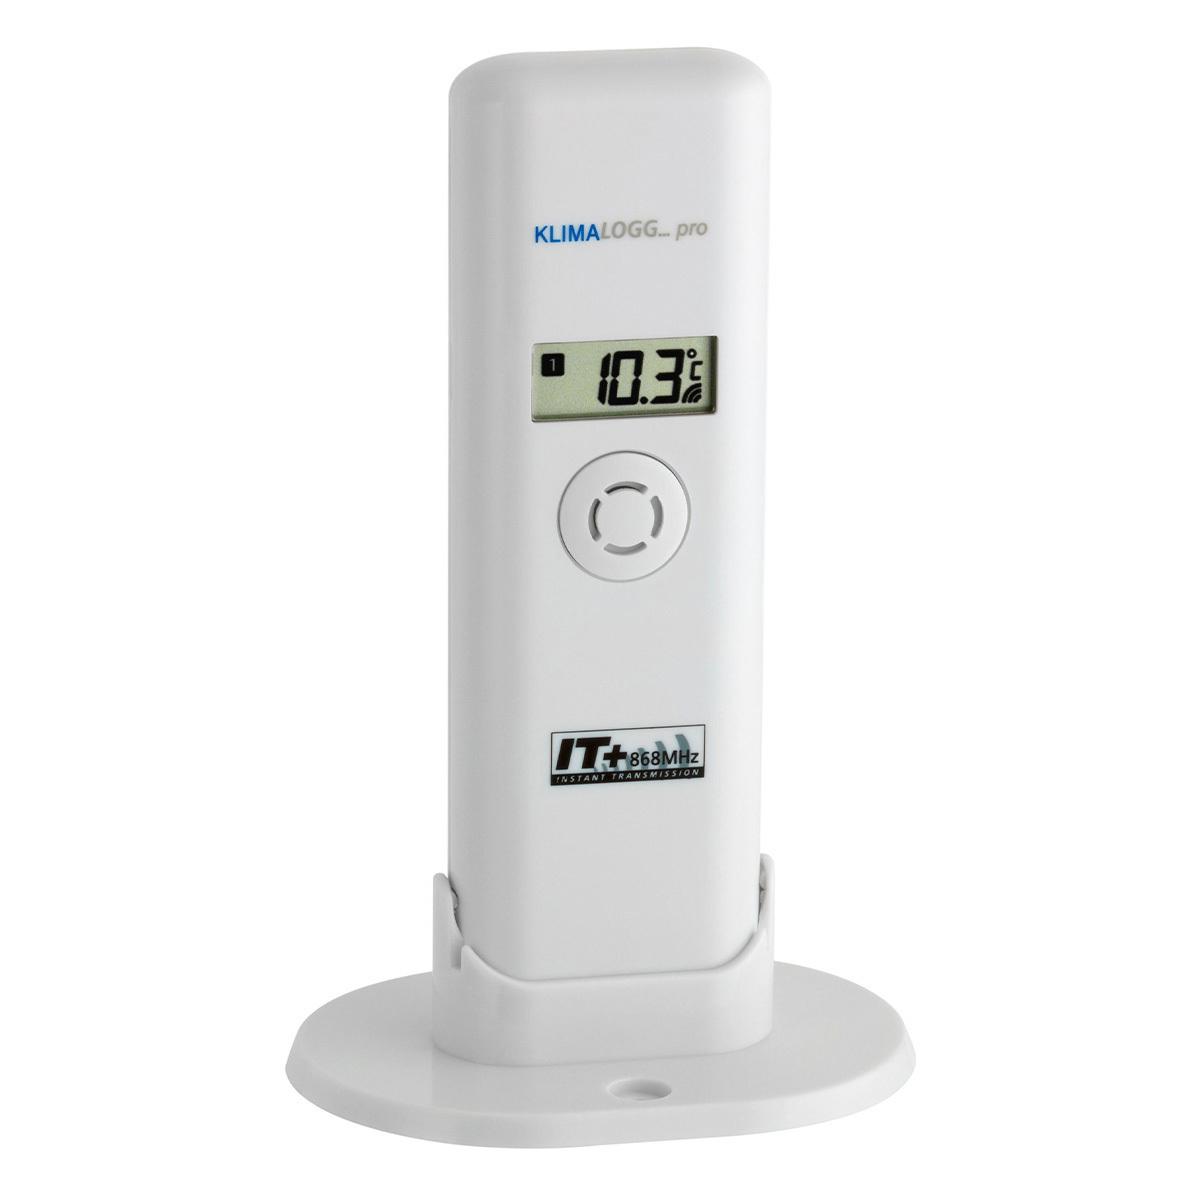 30-3181-it-temperatursender-mit-kabel-1200x1200px.jpg